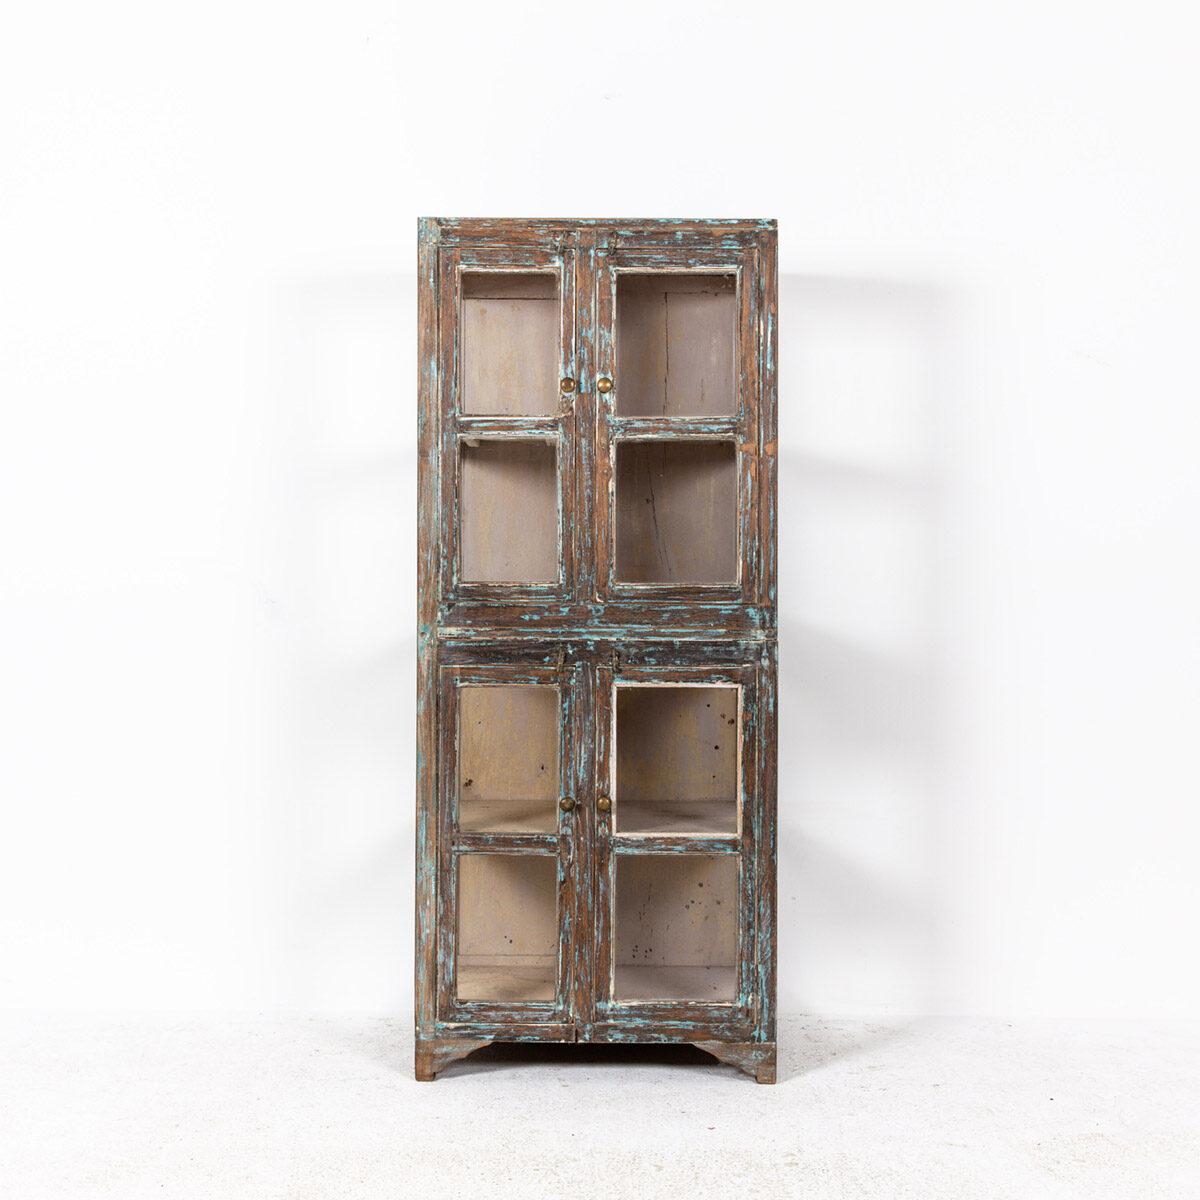 Hoge-glazen-kast-4-deuren-bruinblauw-6